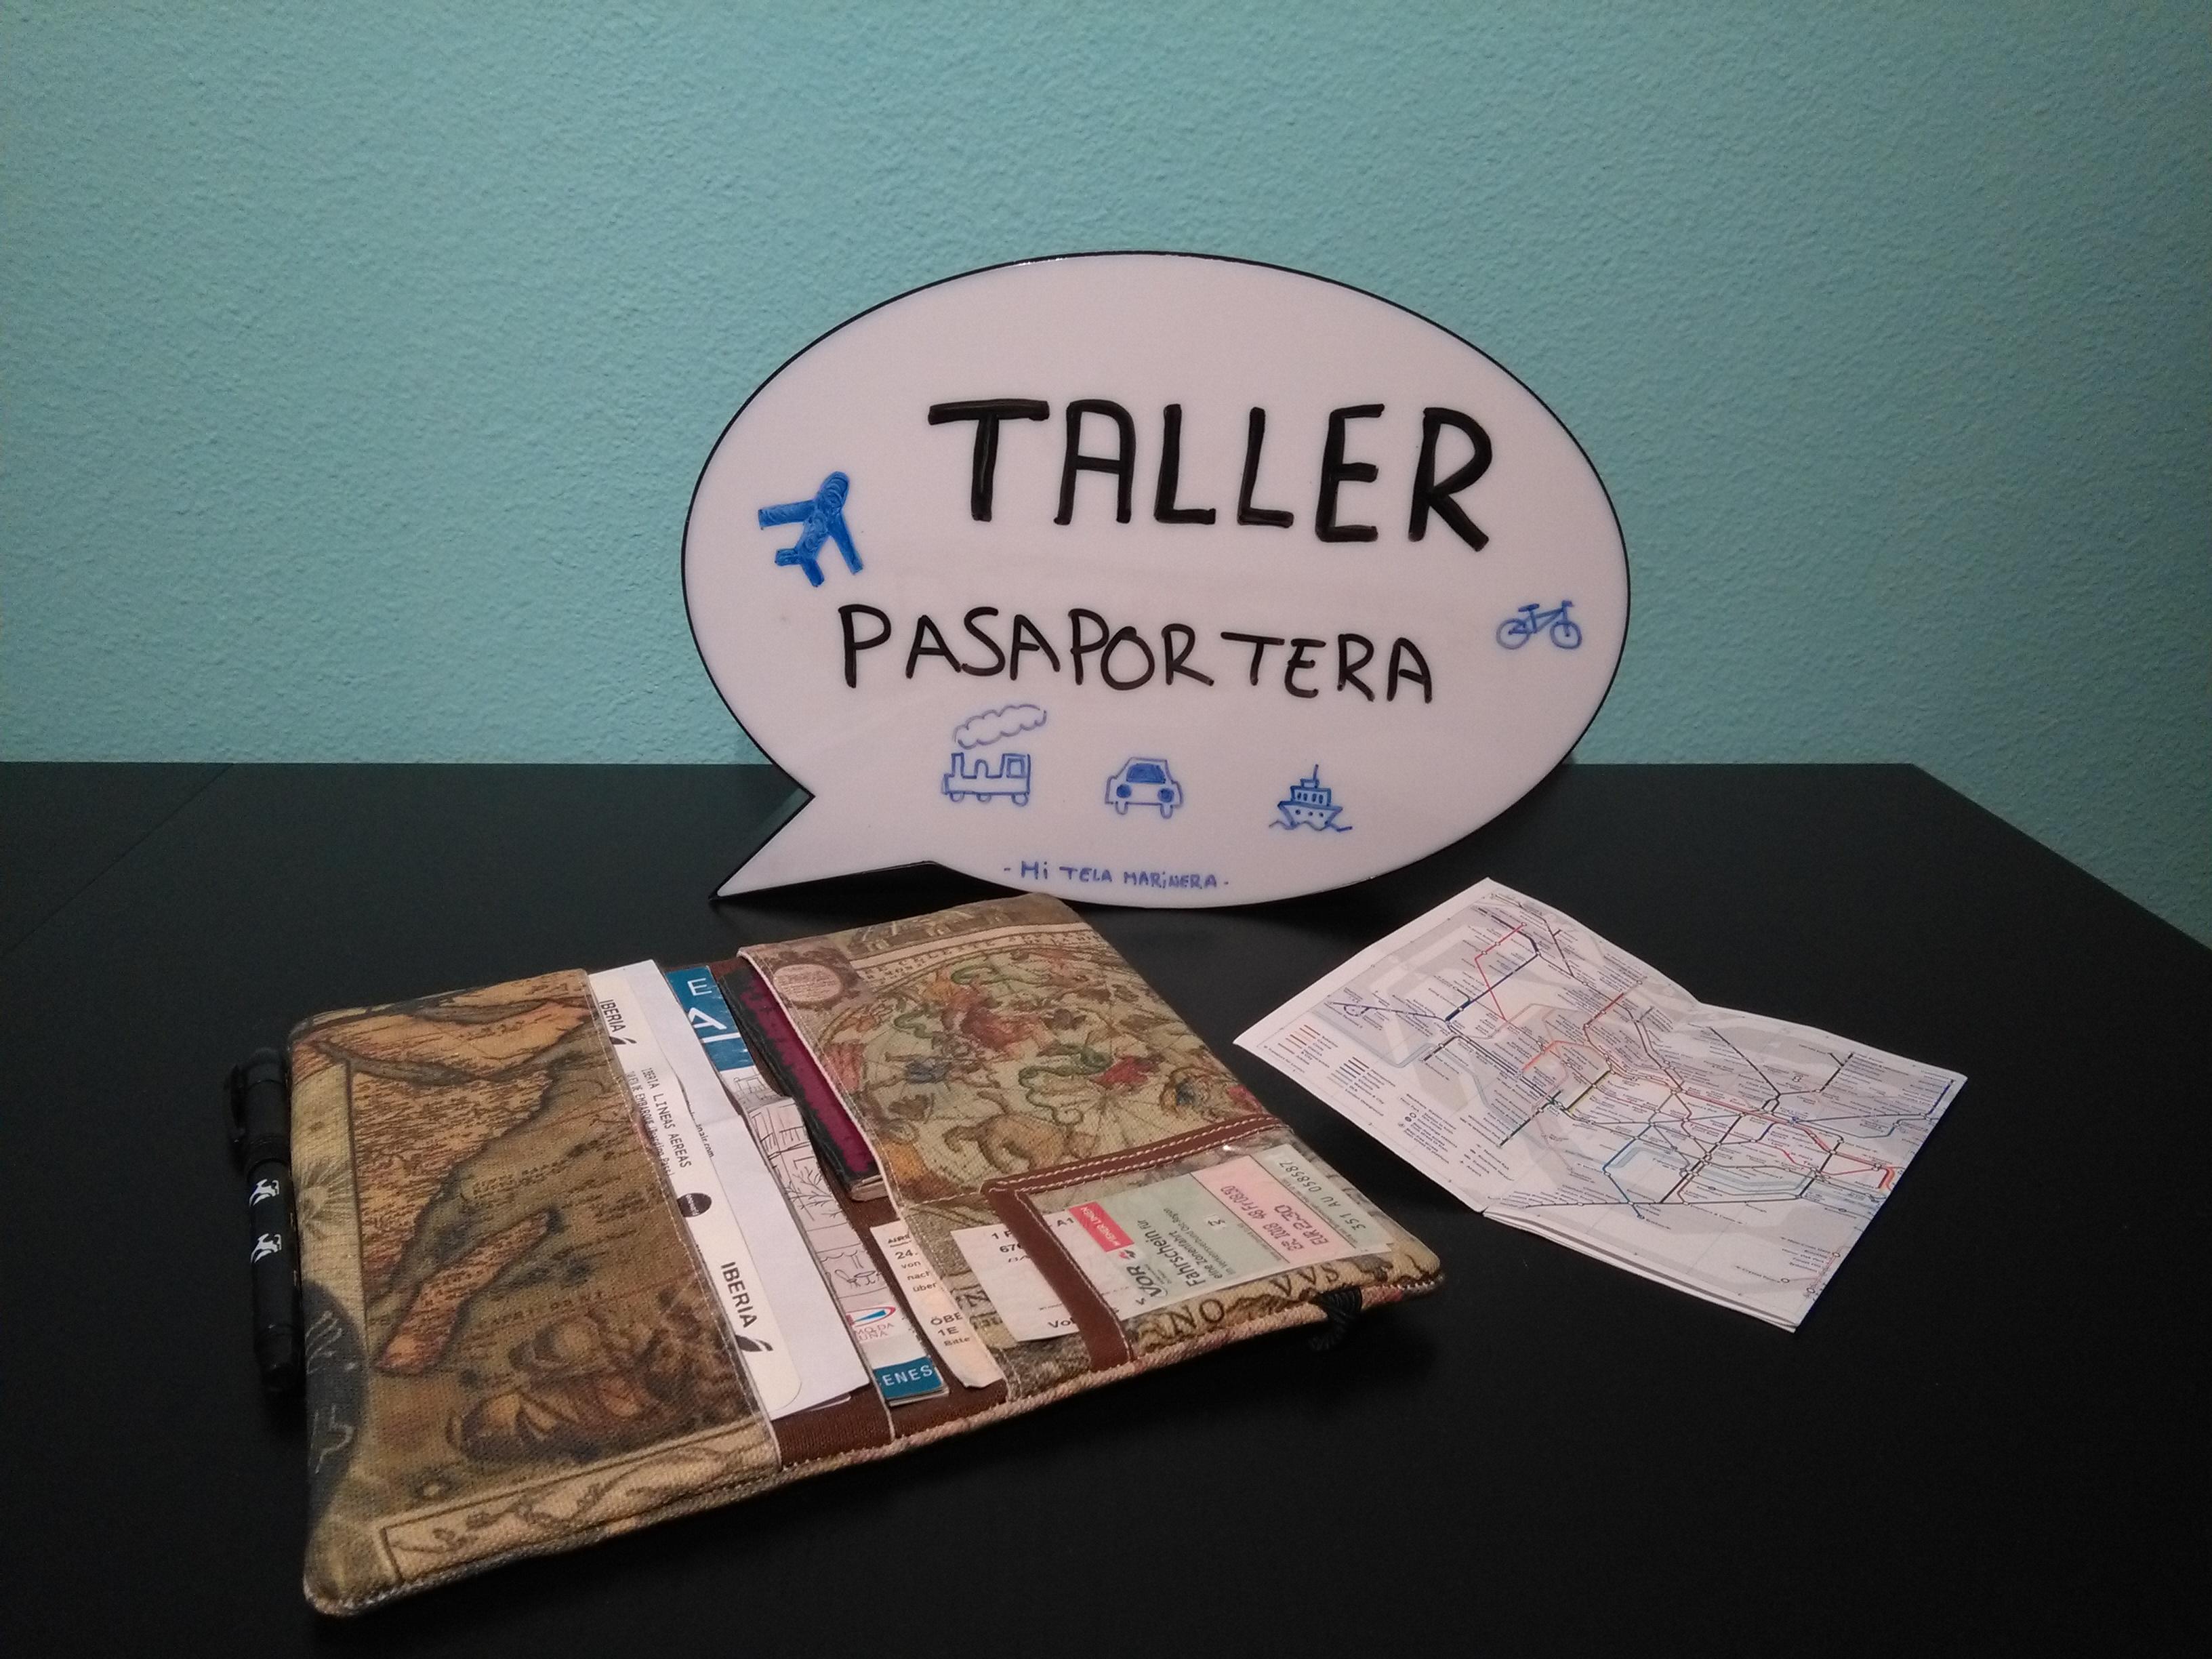 Taller pasaportera